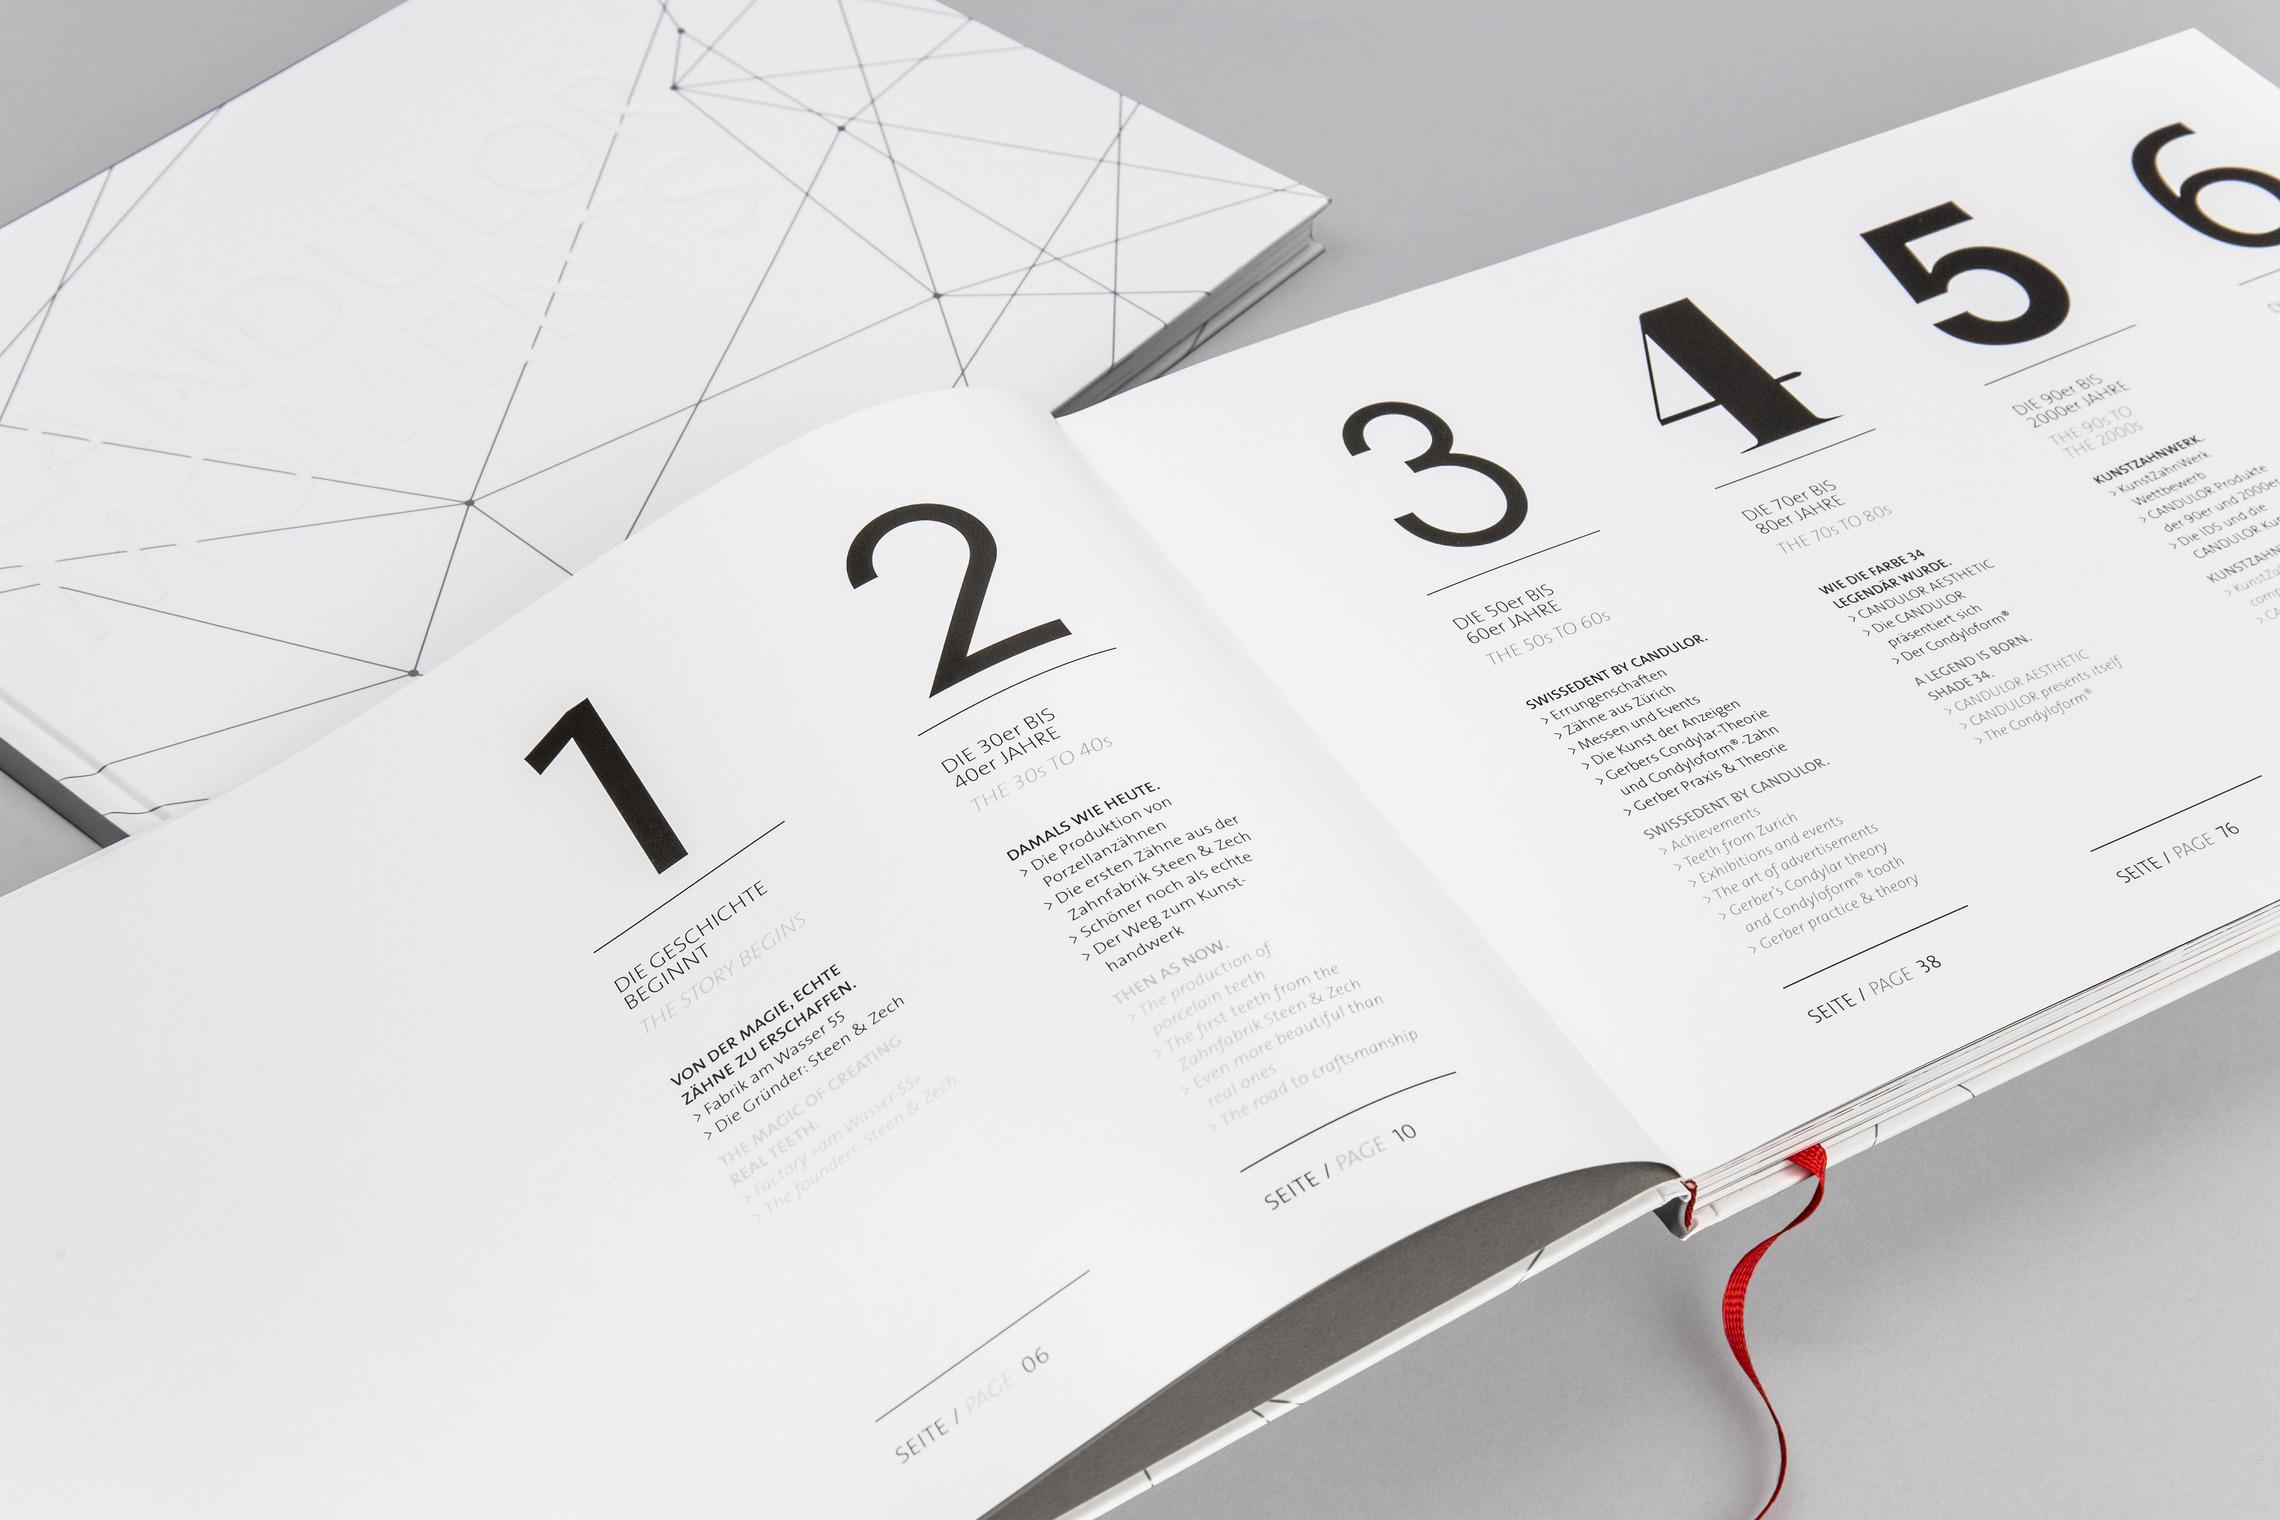 Für das CANDULOR Jubiläumsbuch entwickelt MONOKI ein individuelles Layoutkonzept.